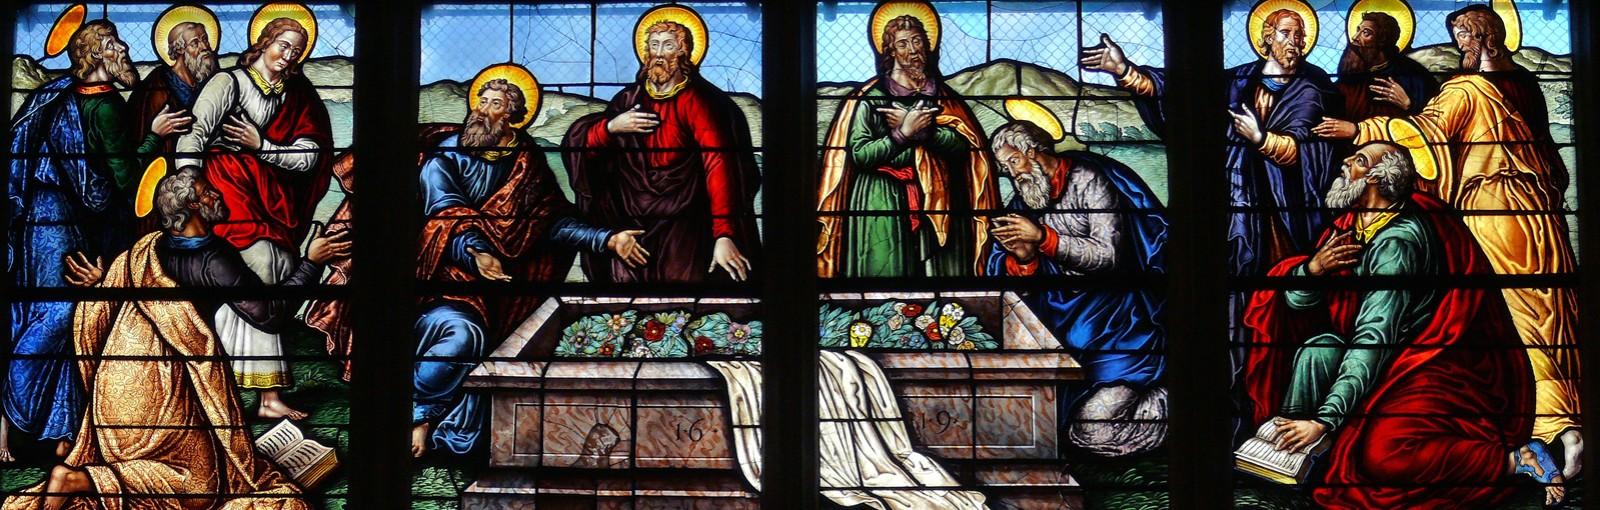 Bourges - Vitraux de la Cathédrale